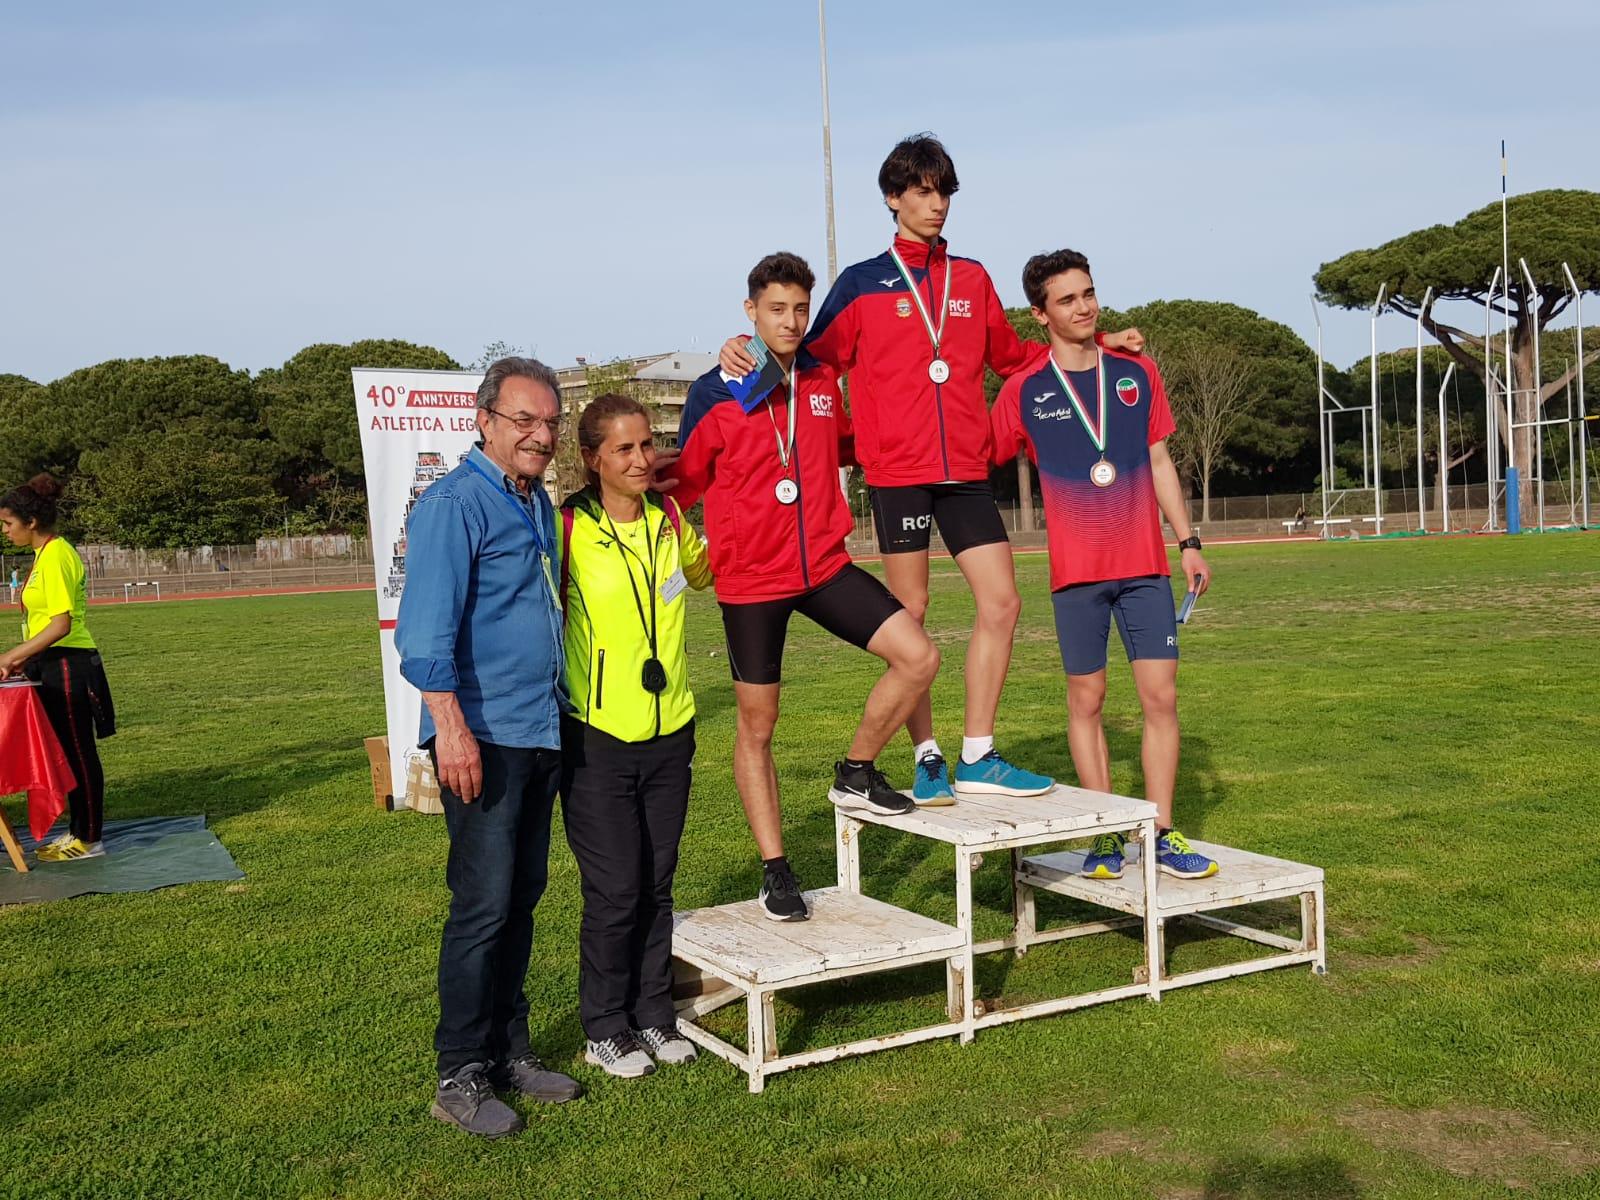 Il podio Allievi dei mt 500 con Giulio Luciani(1 class) e Marco Restuccia(2 class)